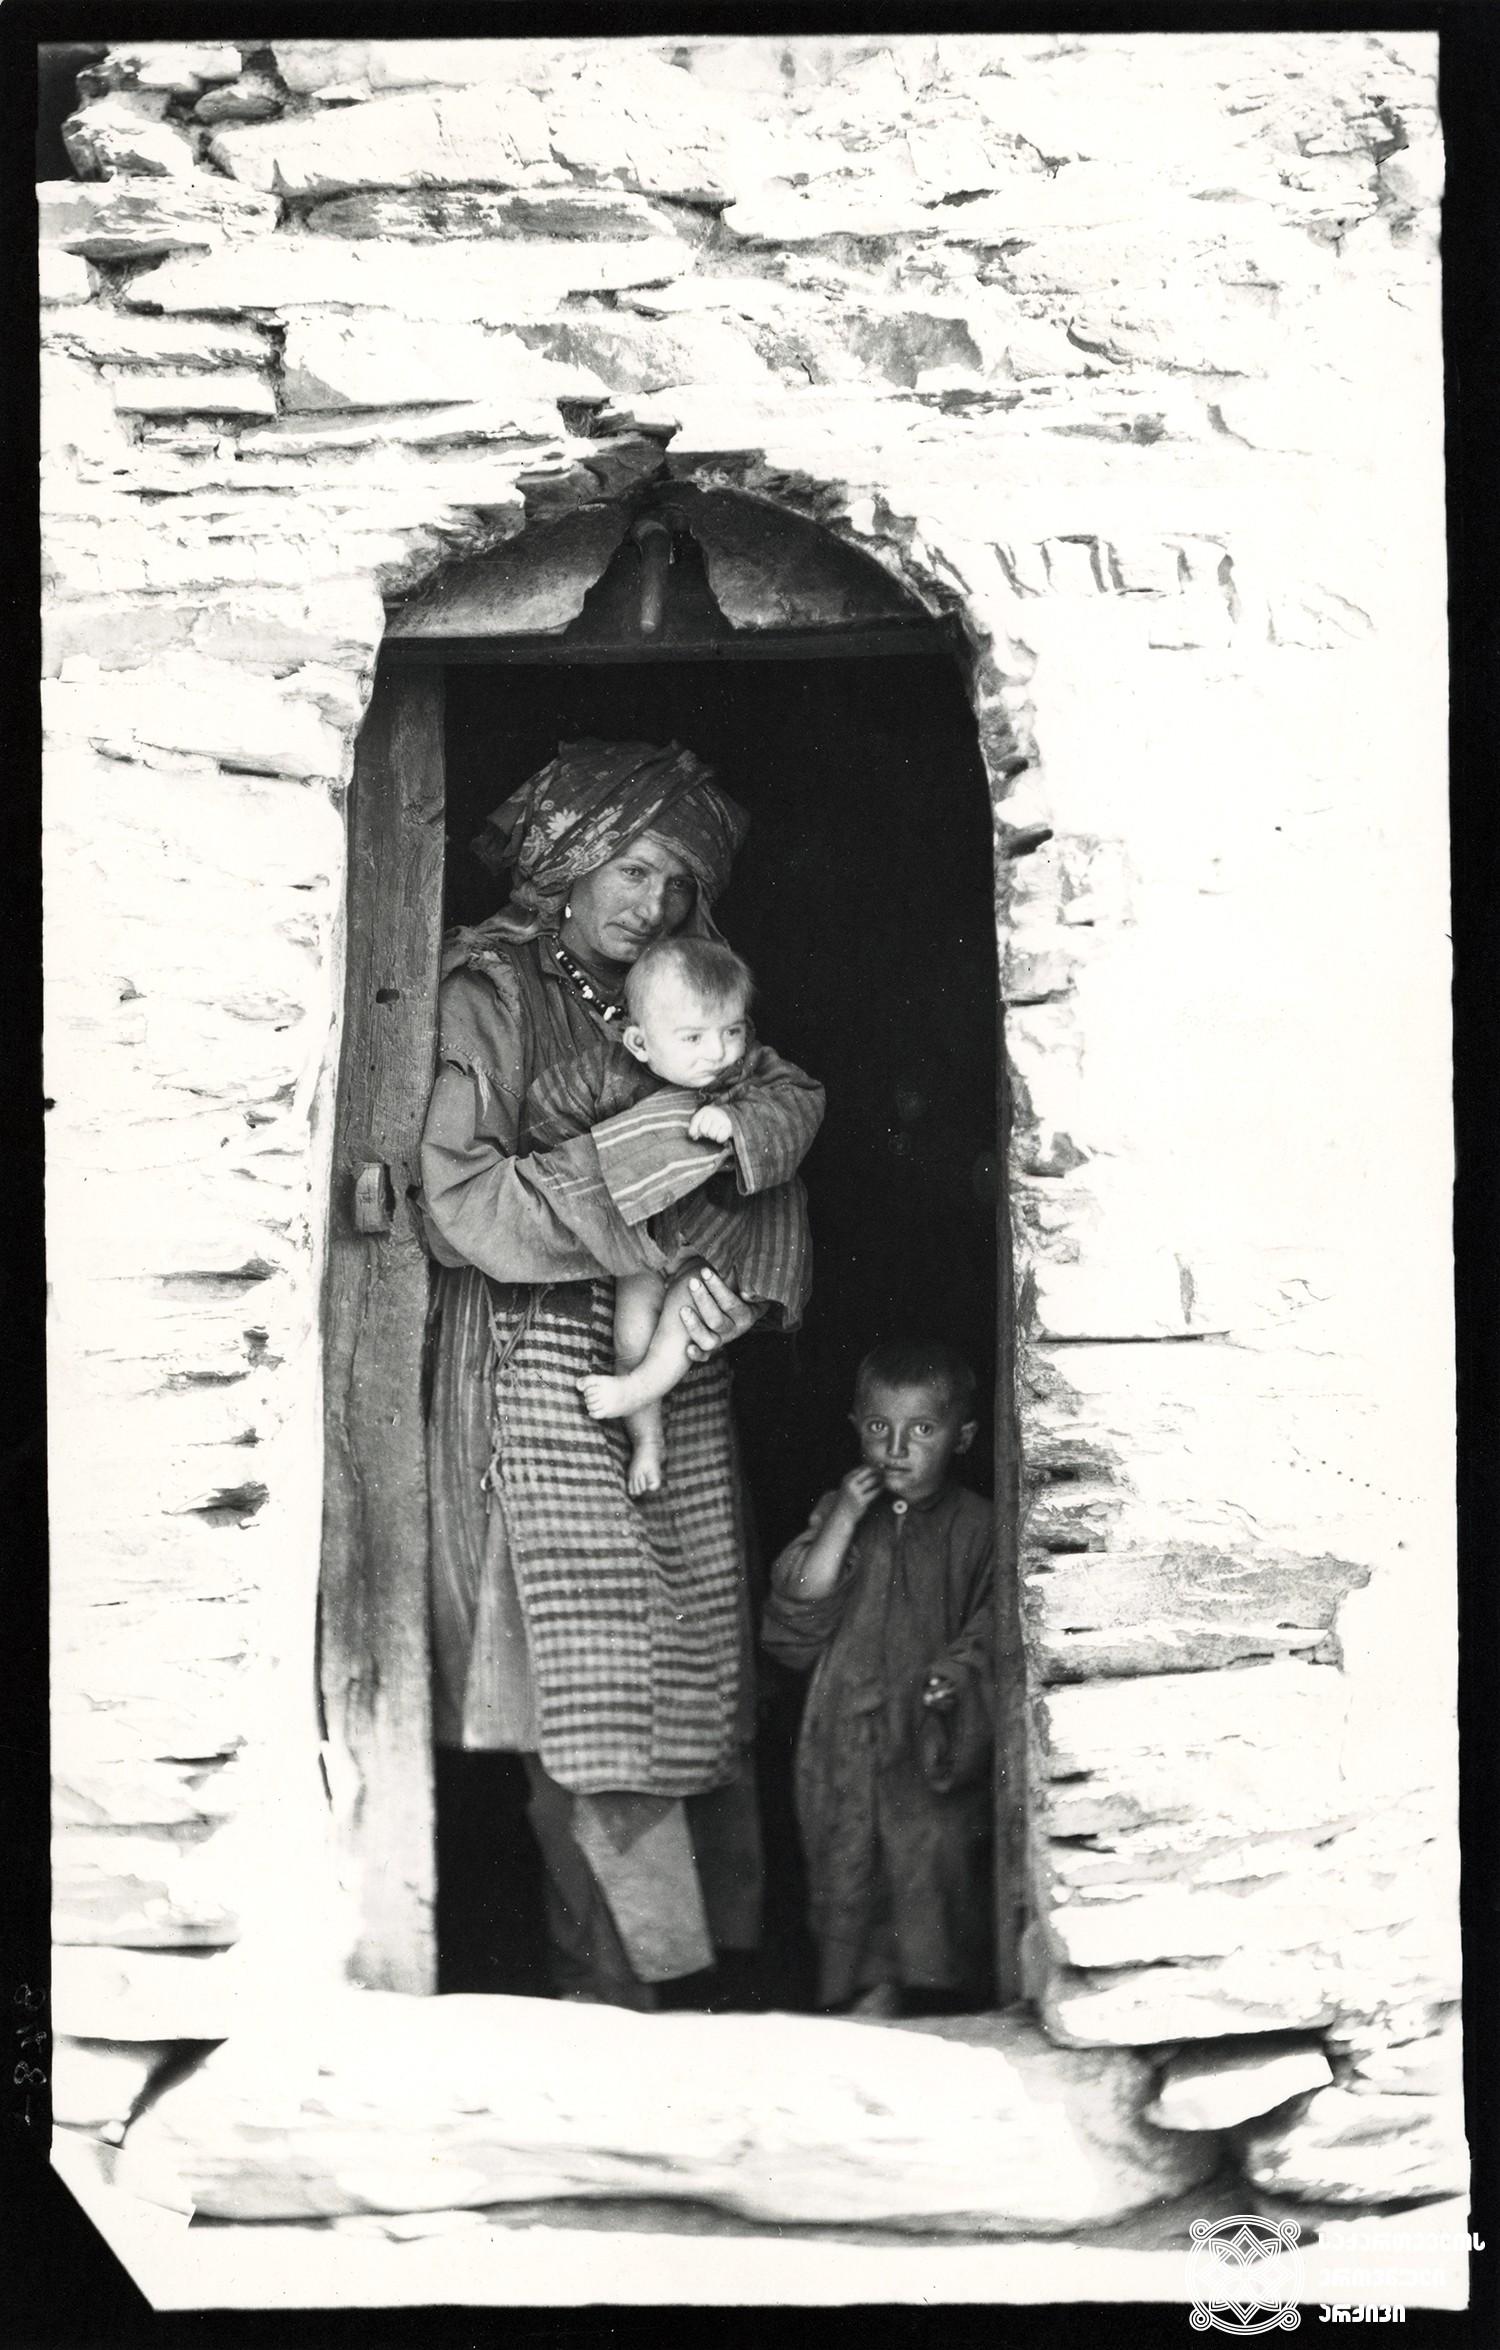 რაჭა, სოფელი ღები. ახალგაზრდა დედა სახლის ზღურბლზე  <br> Racha, village Ghebi. Young mother on the house threshold 1890